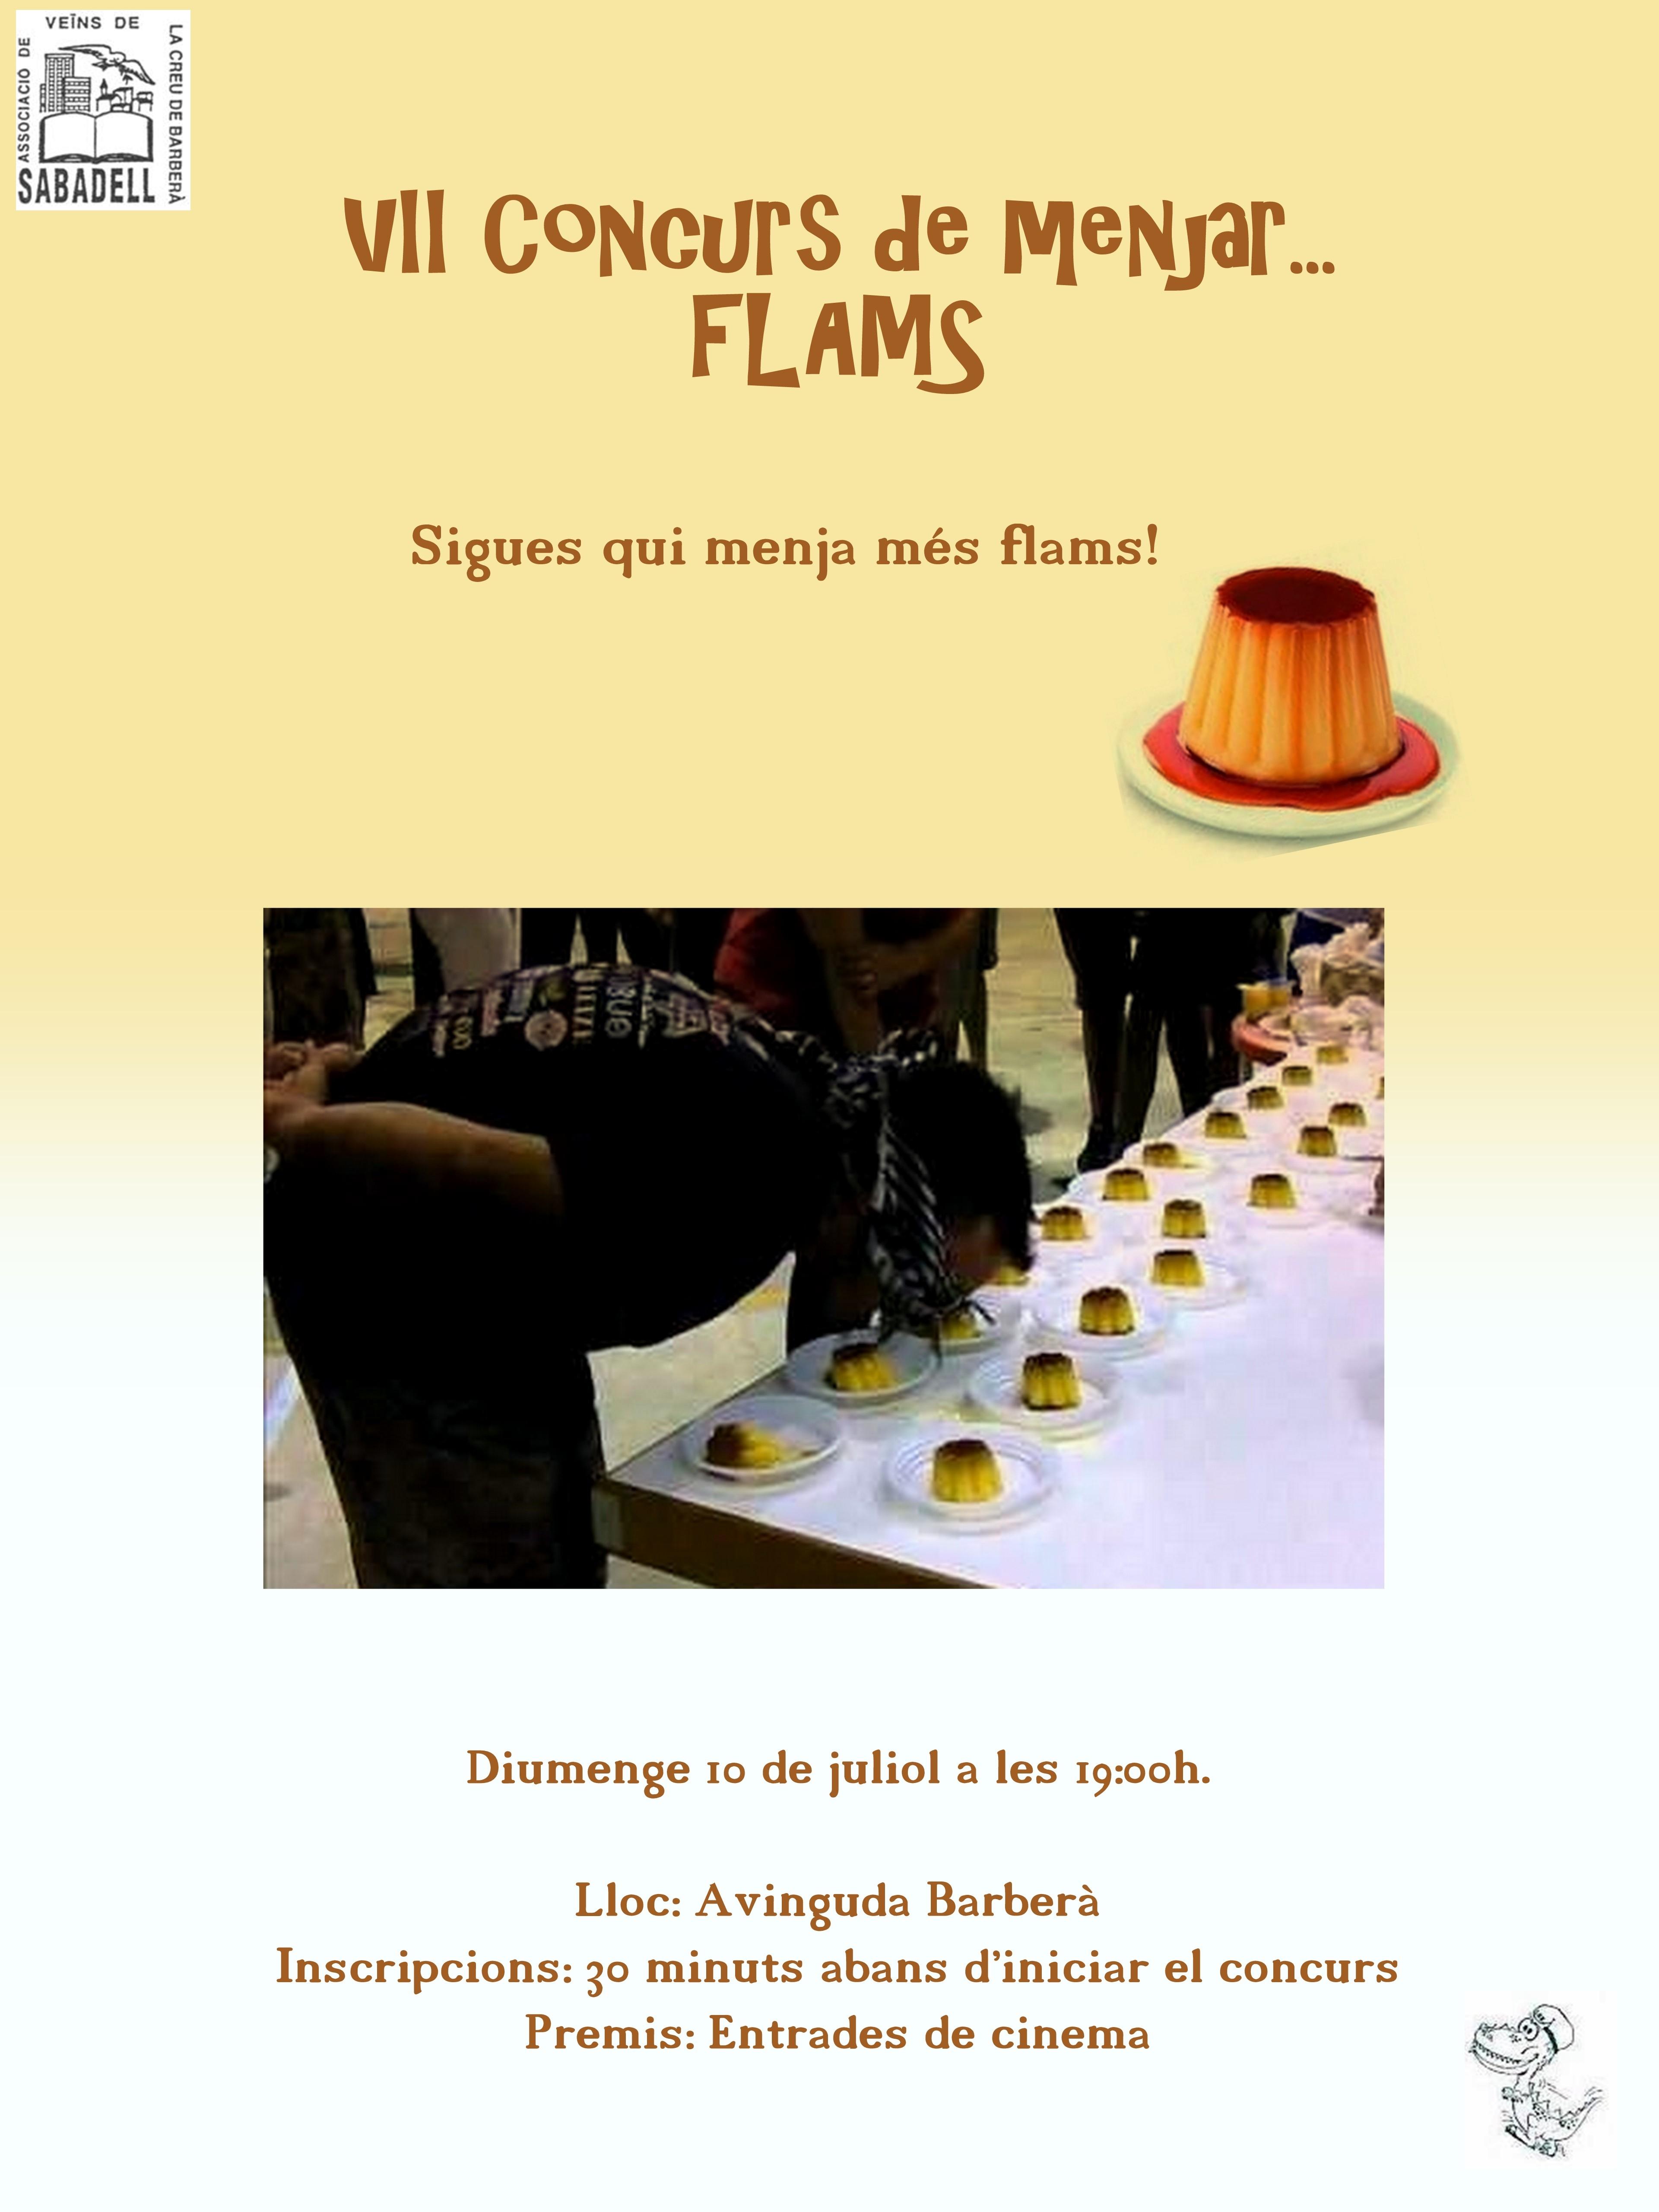 6. Flams (9)